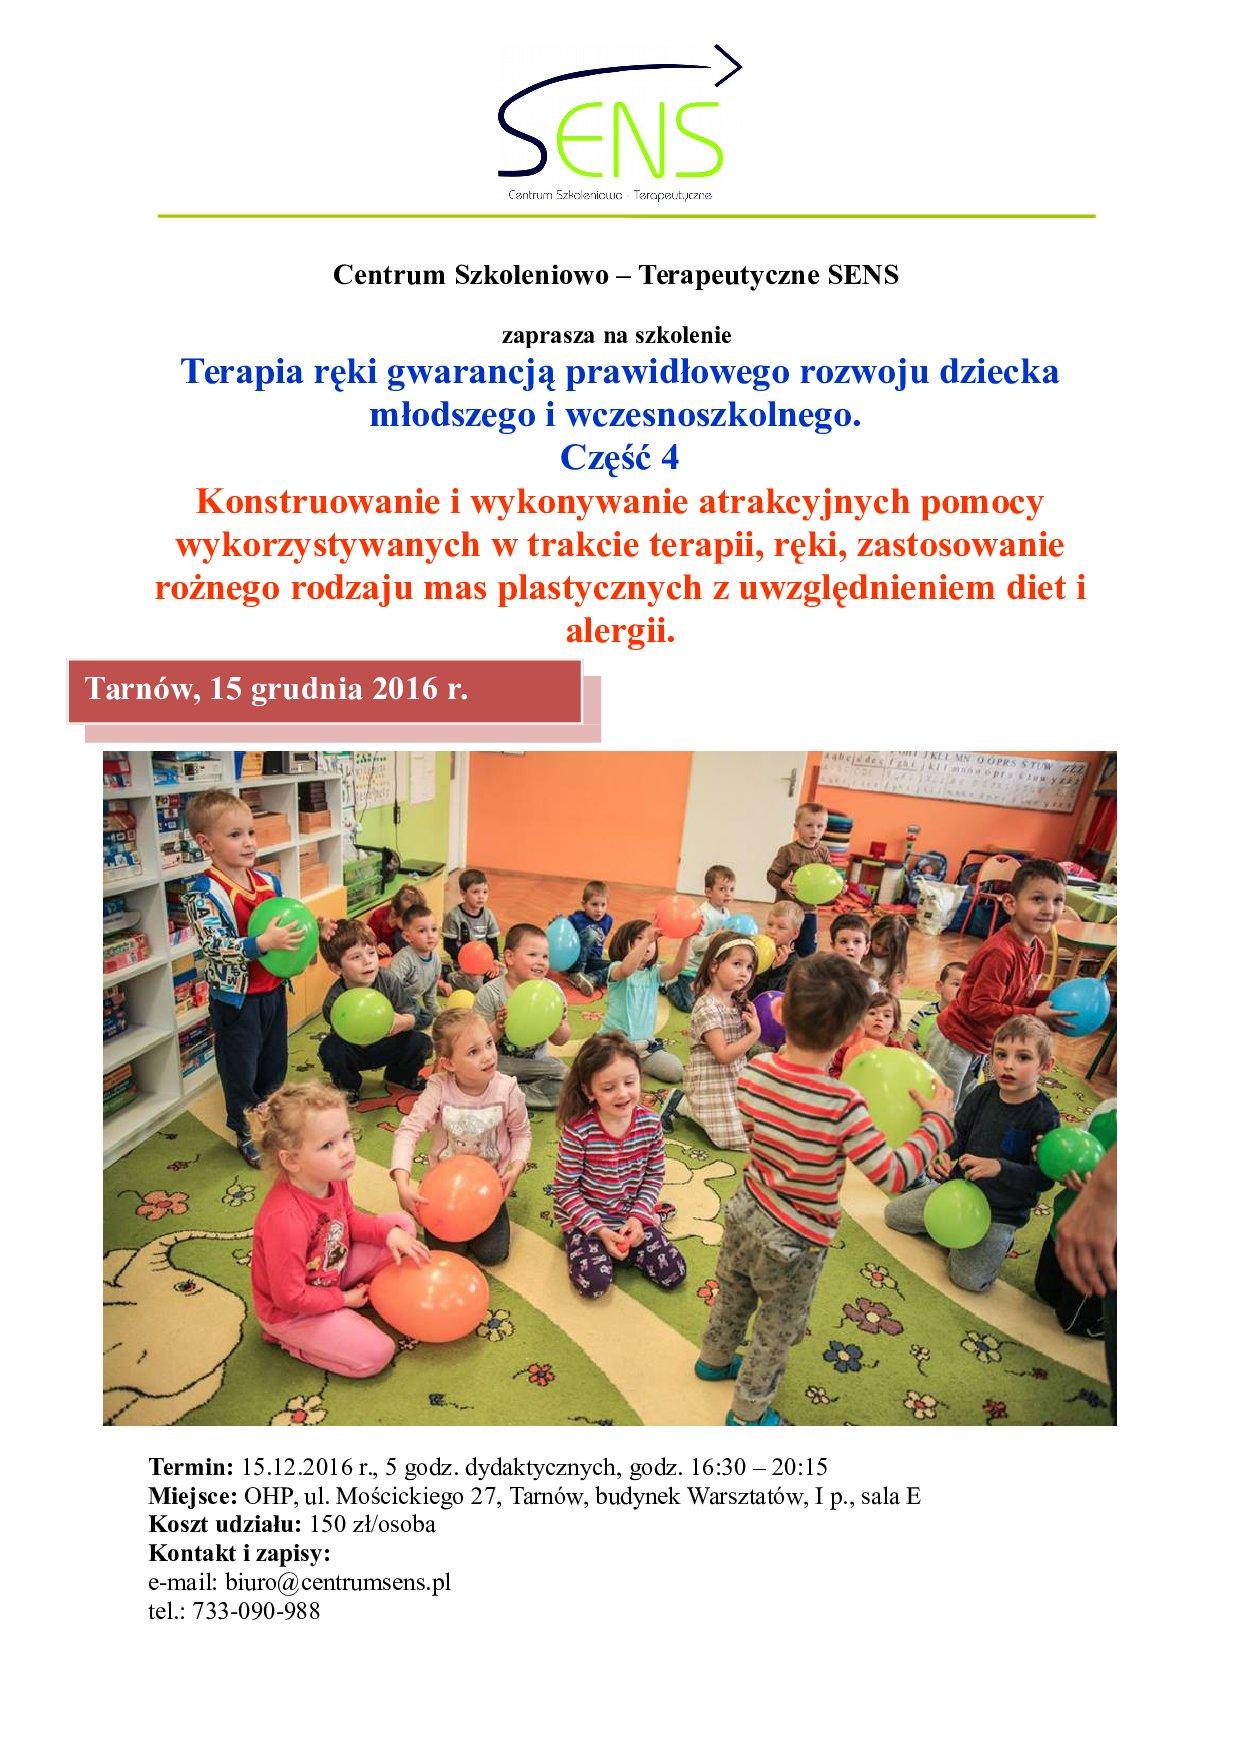 Tarnów. Terapia ręki cz. 4. 15.12.16 r.